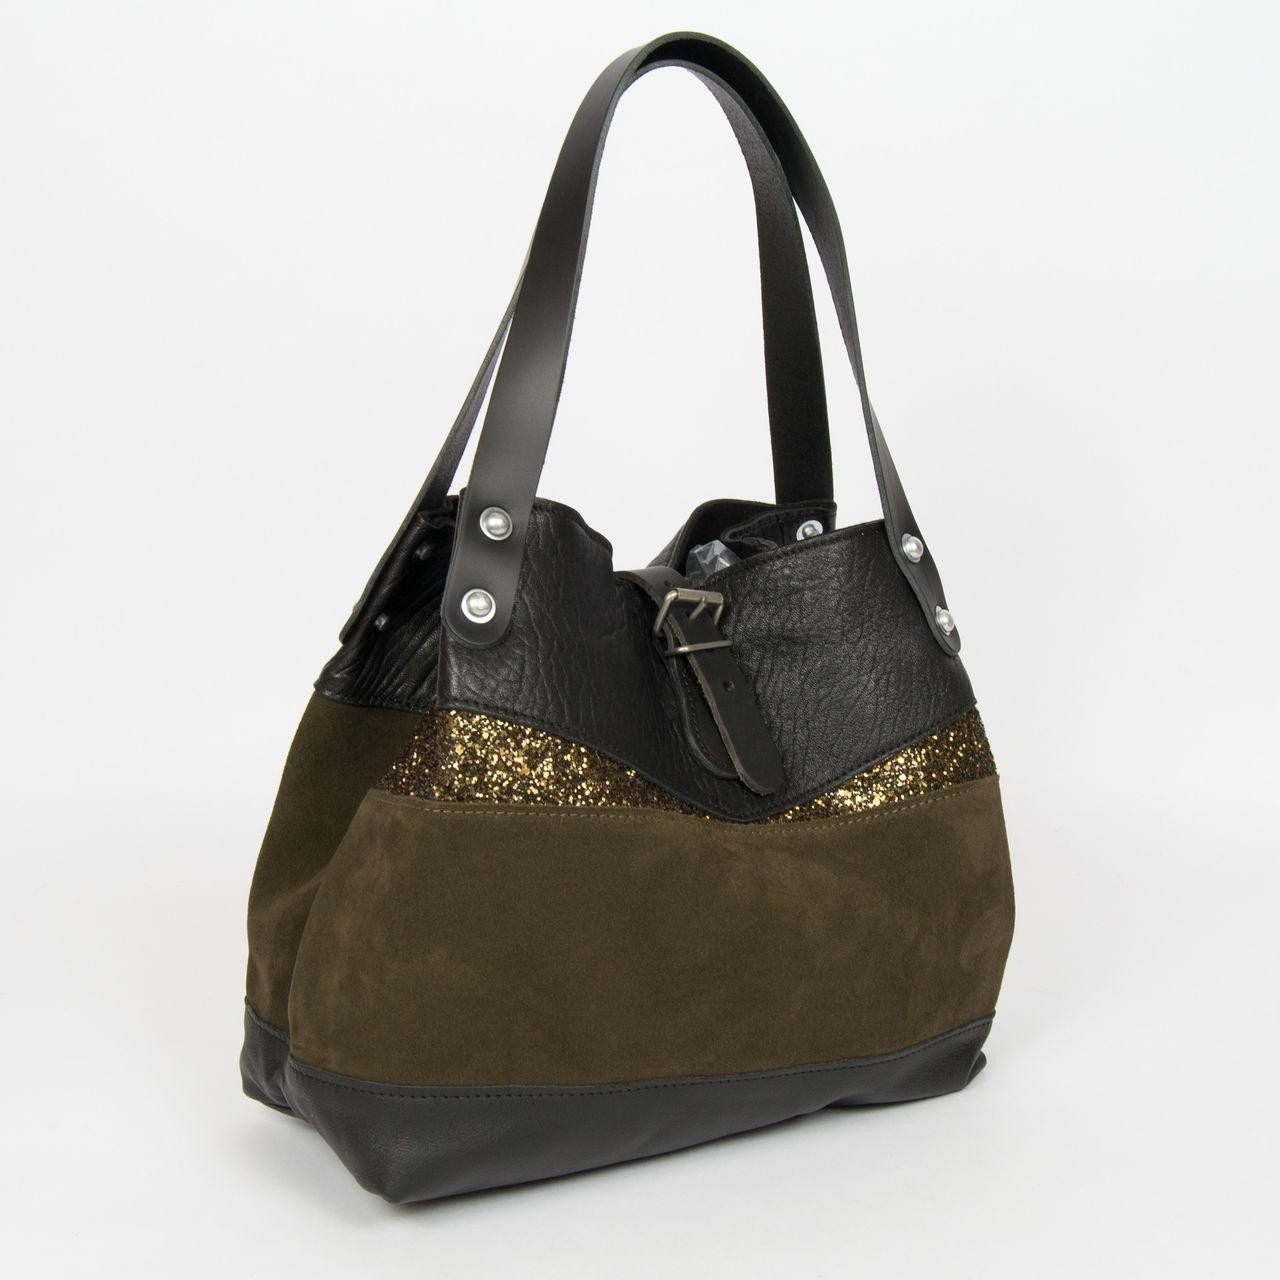 boutique la femme sacs estellon sac estellon rony one militaire. Black Bedroom Furniture Sets. Home Design Ideas